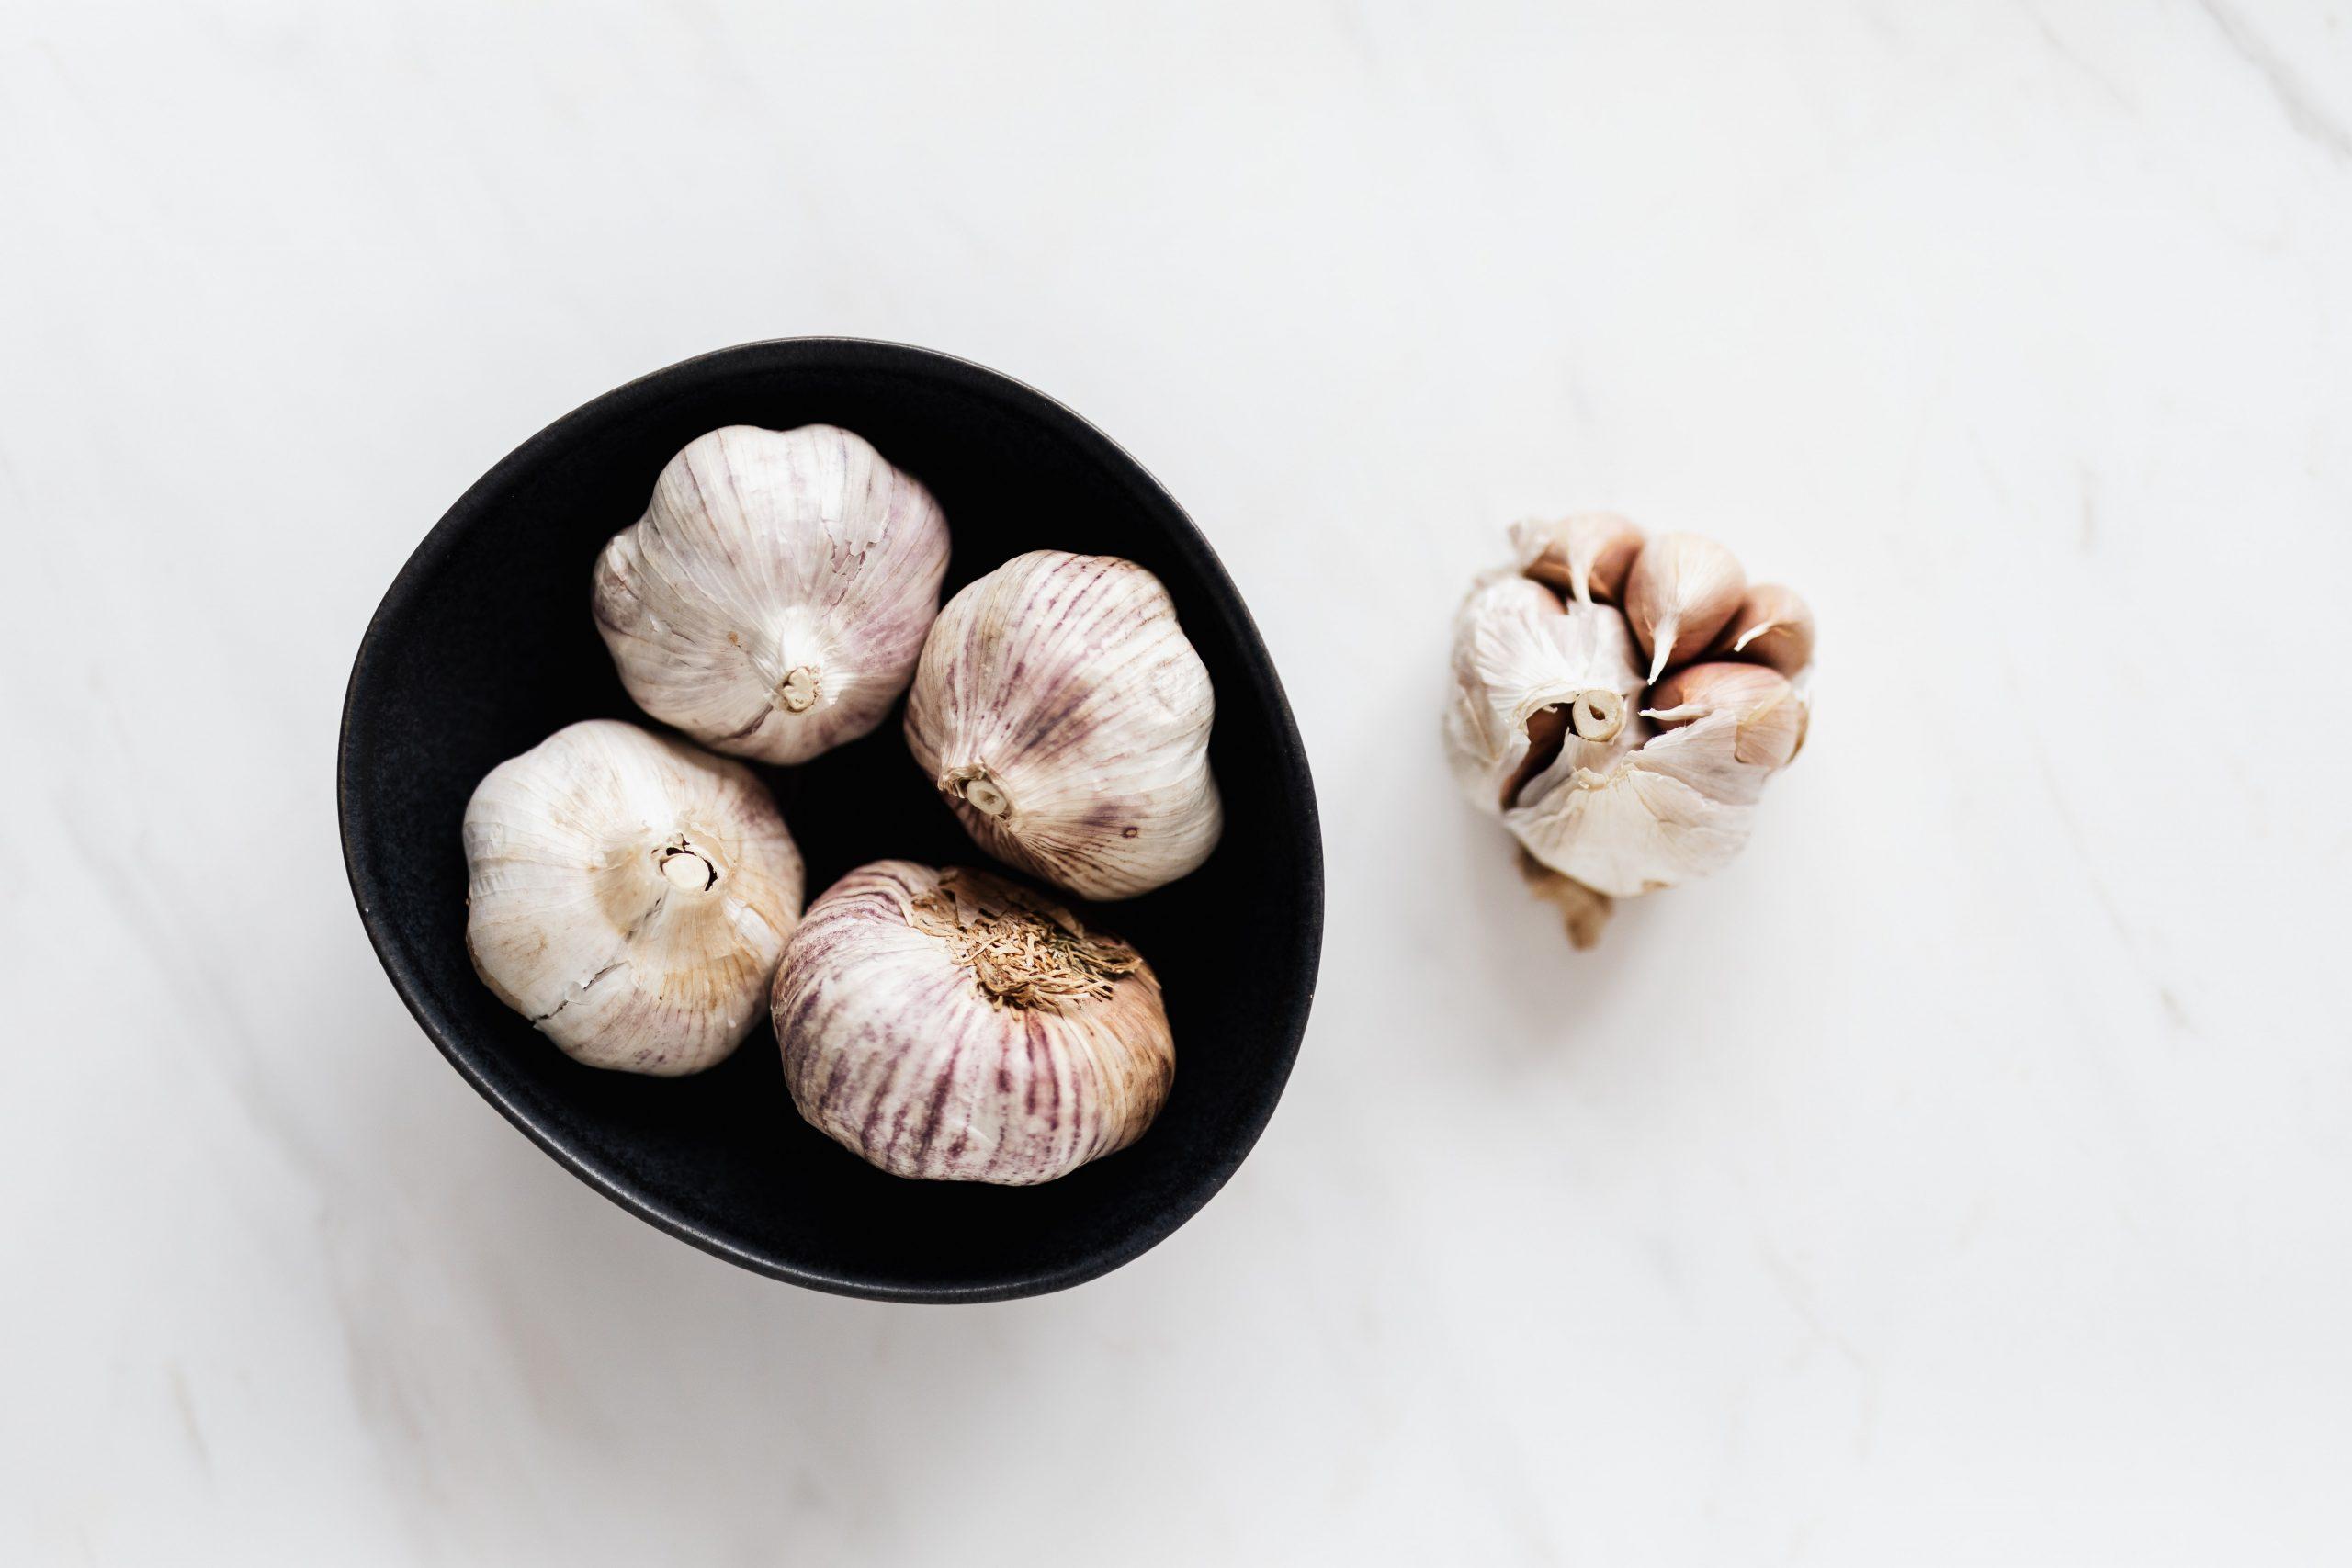 #12 Stress-busting food: Garlic. Photo byKarolina GrabowskafromPexels